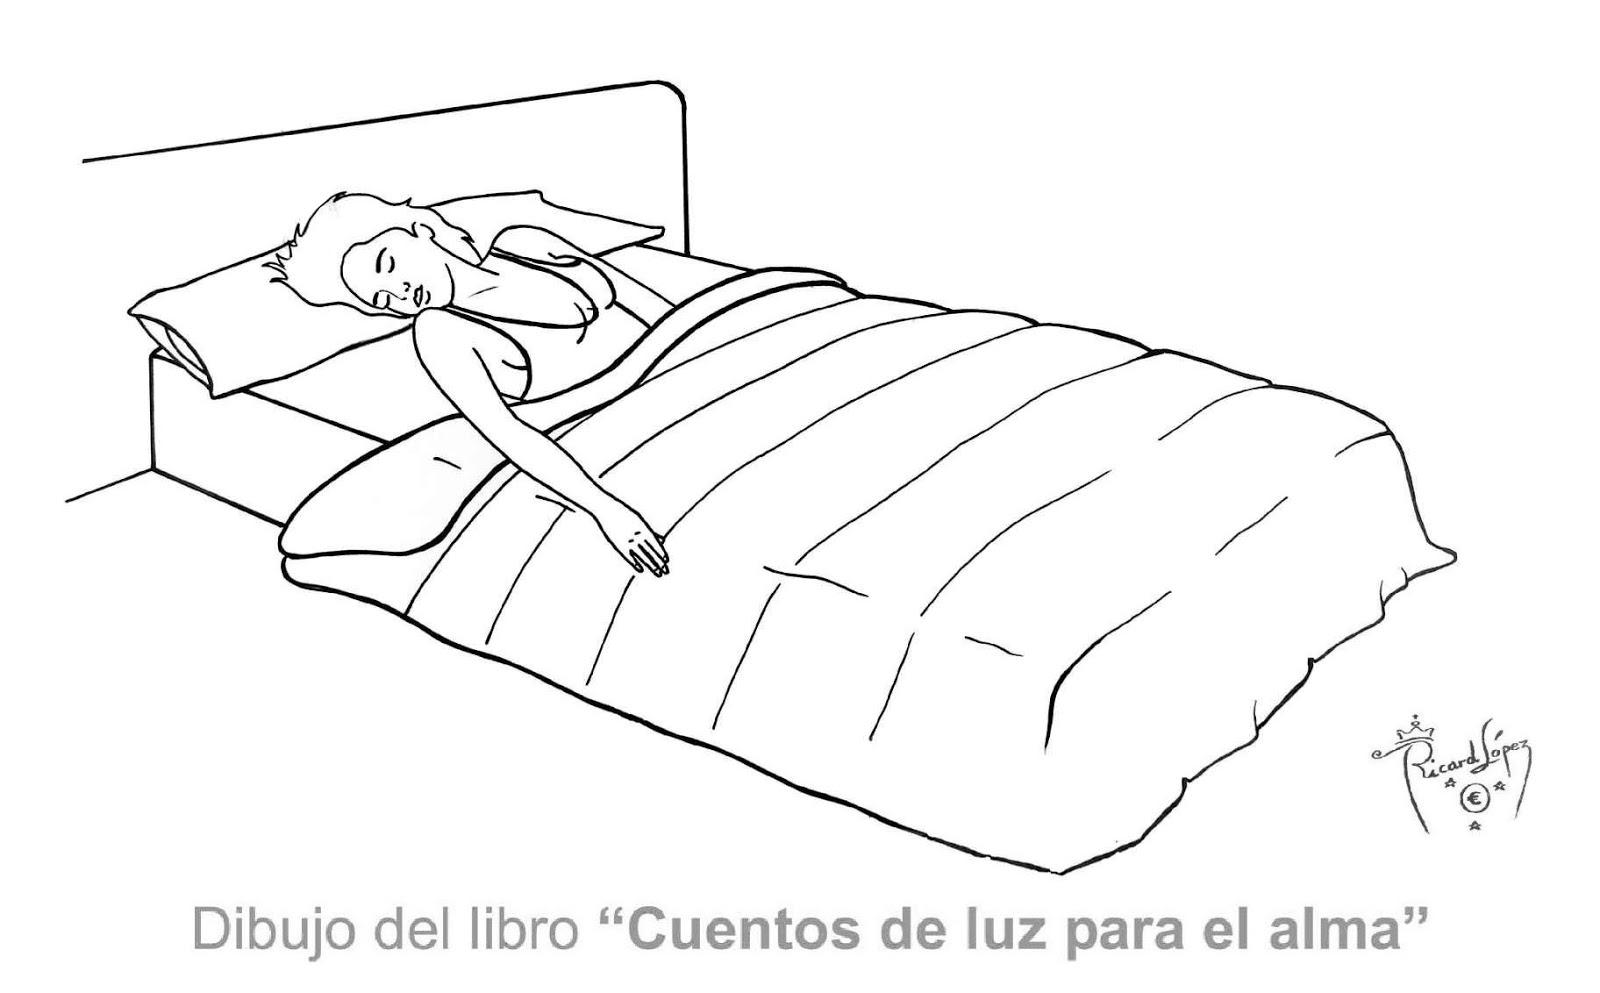 Dibujos muy originales para colorear de ricard l pez - Dibujos para cabeceros de cama ...